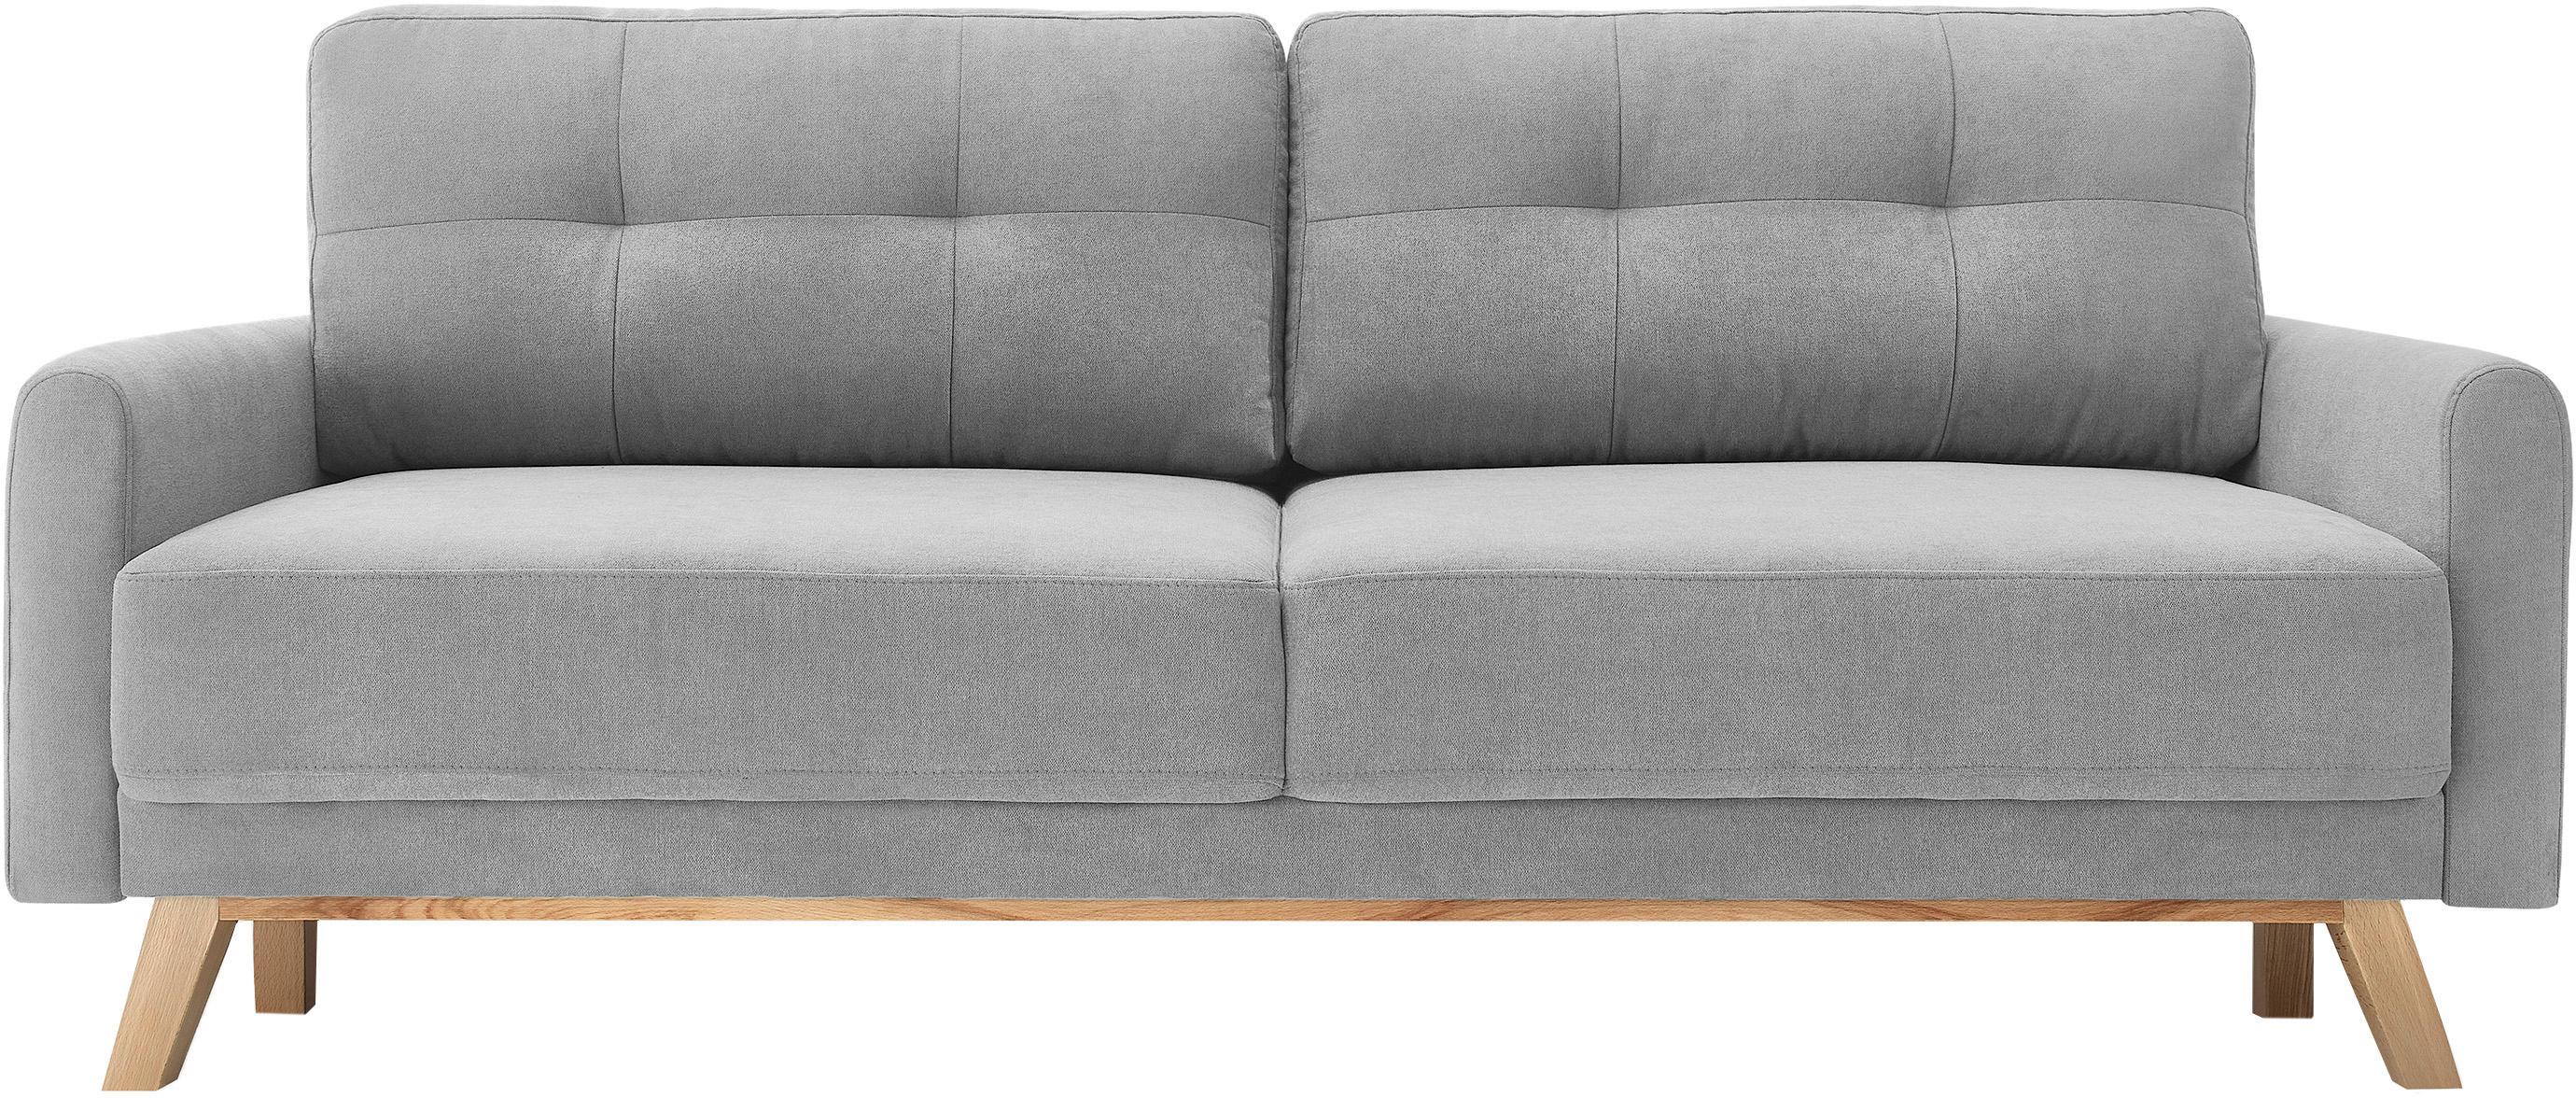 Fluwelen slaapbank Balio (3-zits), Bekleding: 100% polyester fluweel, Poten: gelakt metaal, Frame: massief hout en spaanplaa, Fluweel lichtgrijs, B 216 x D 86 cm